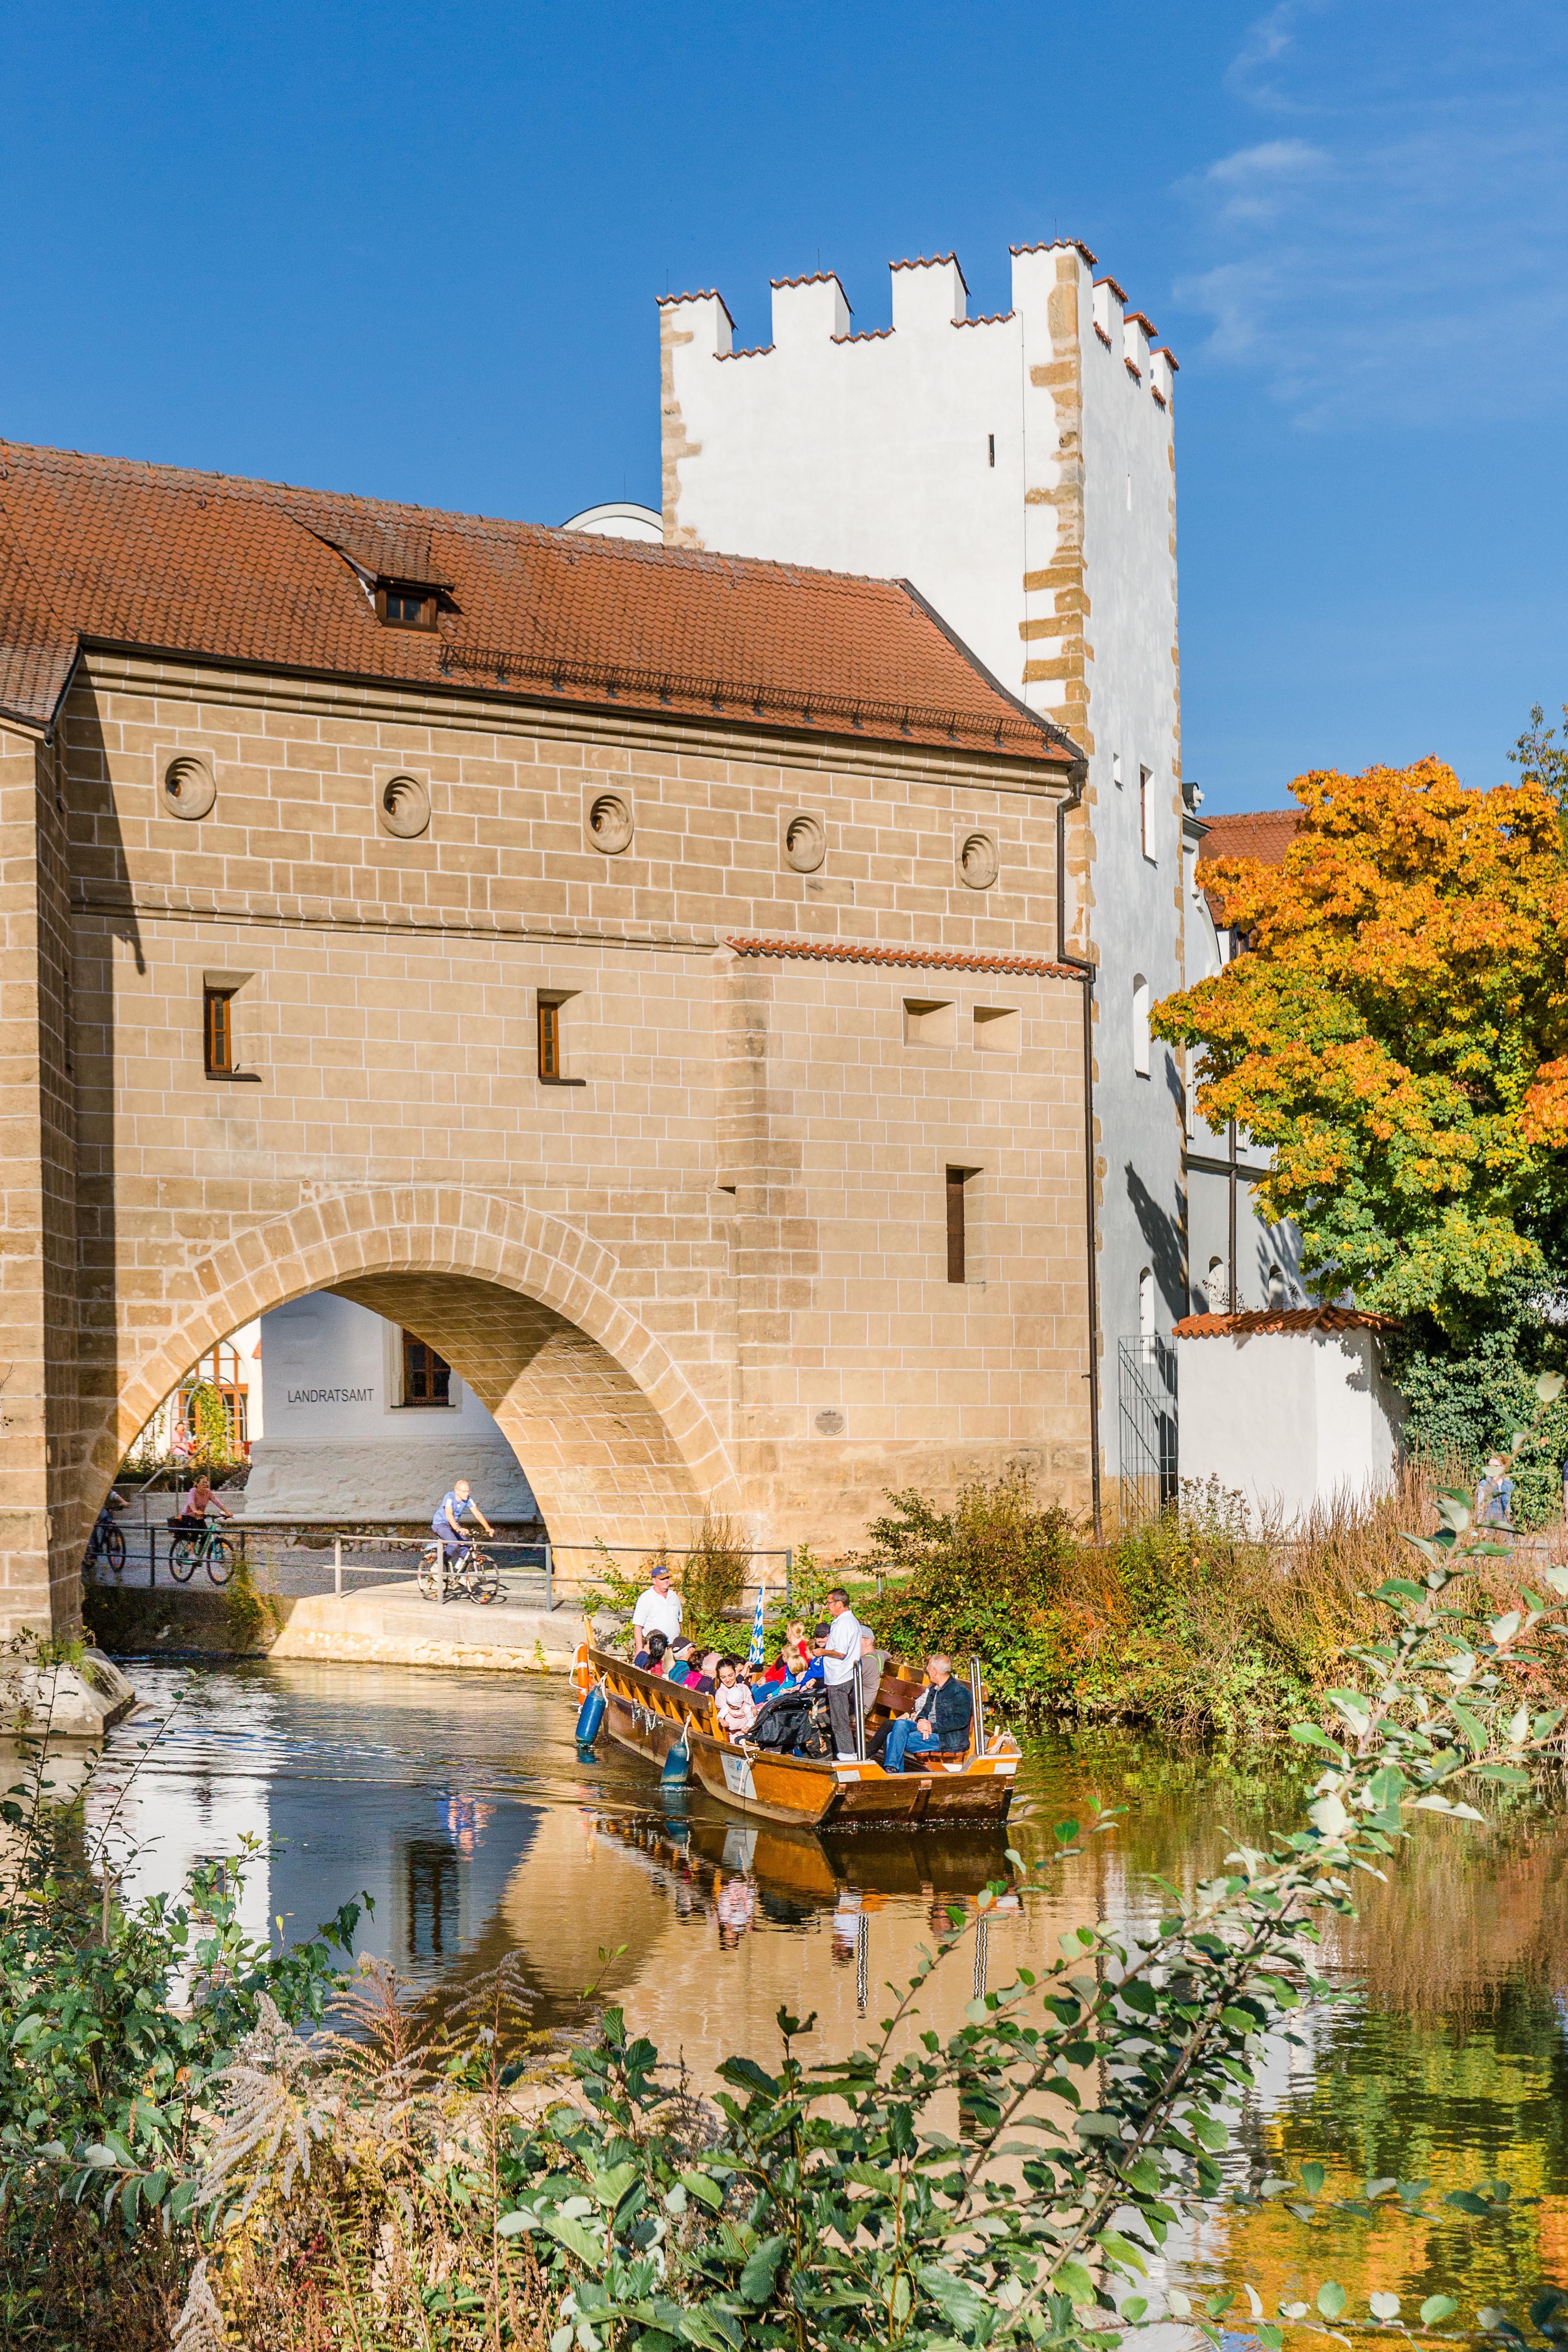 Gemütliche Plättenfahrt auf der Vils in Amberg